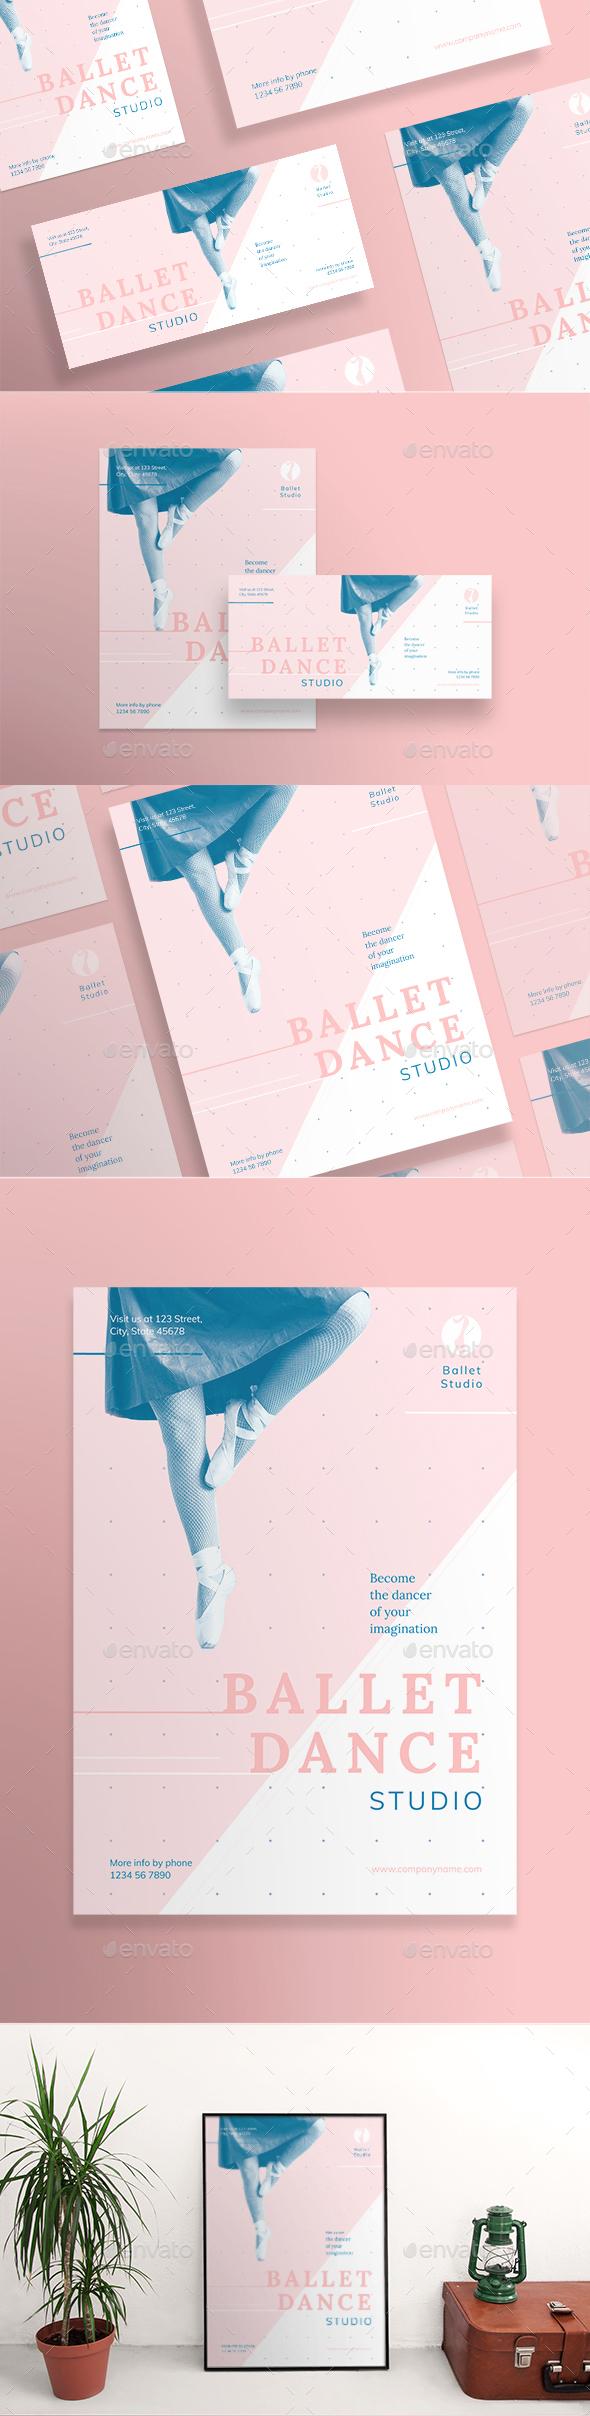 Ballet Dance Studio Flyers - Miscellaneous Events